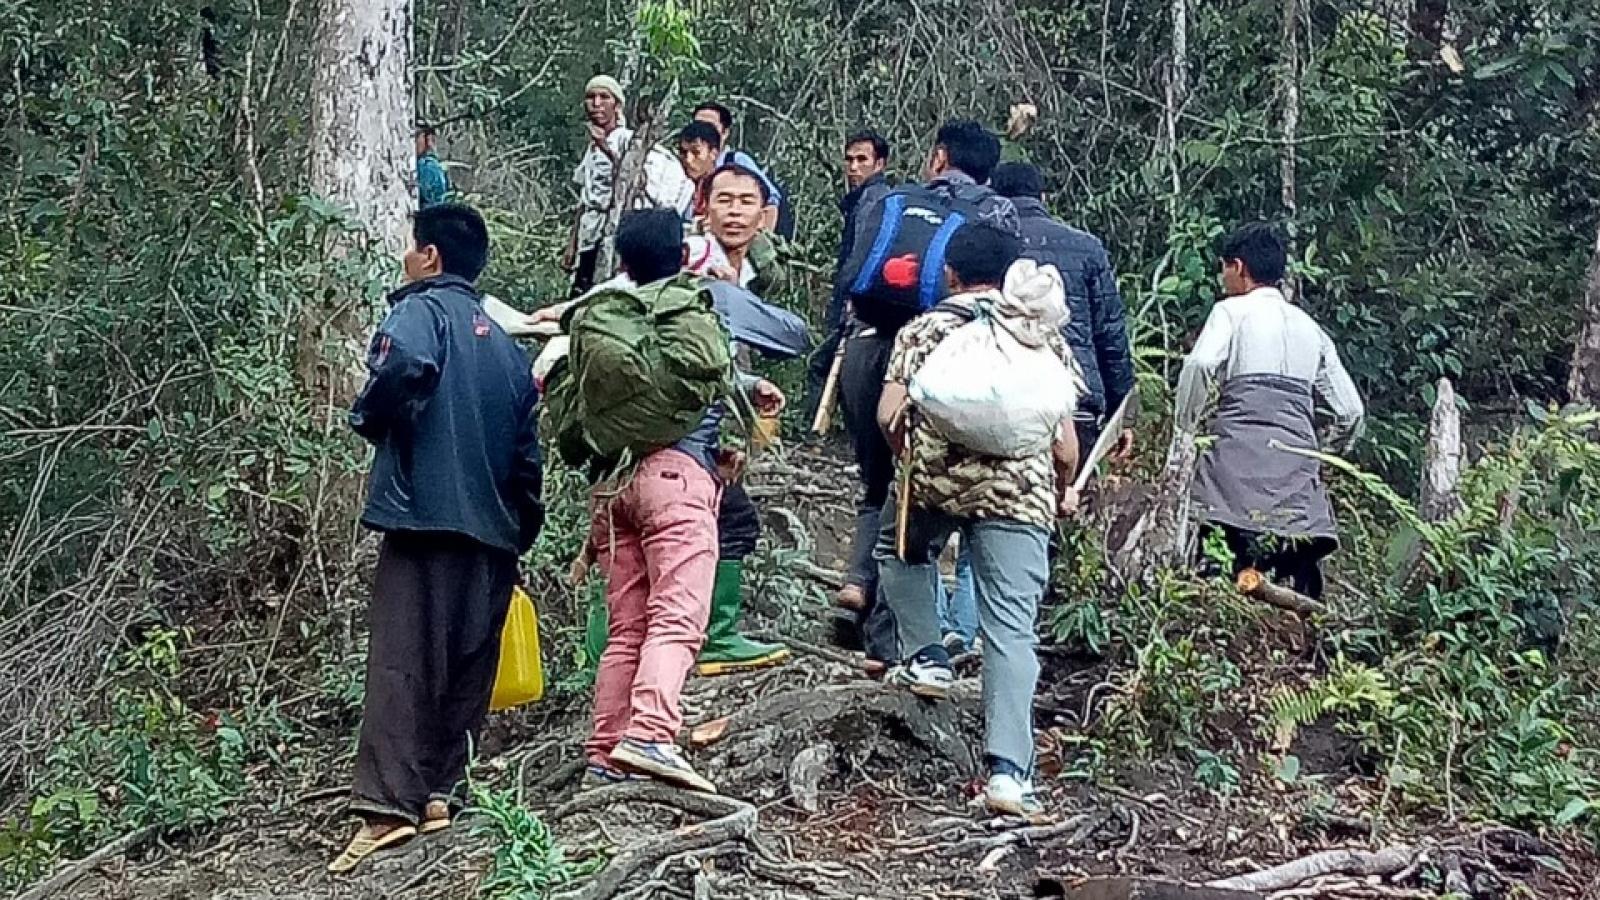 Nguy cơ cháy rừng cao ở các huyện miền Tây Yên Bái